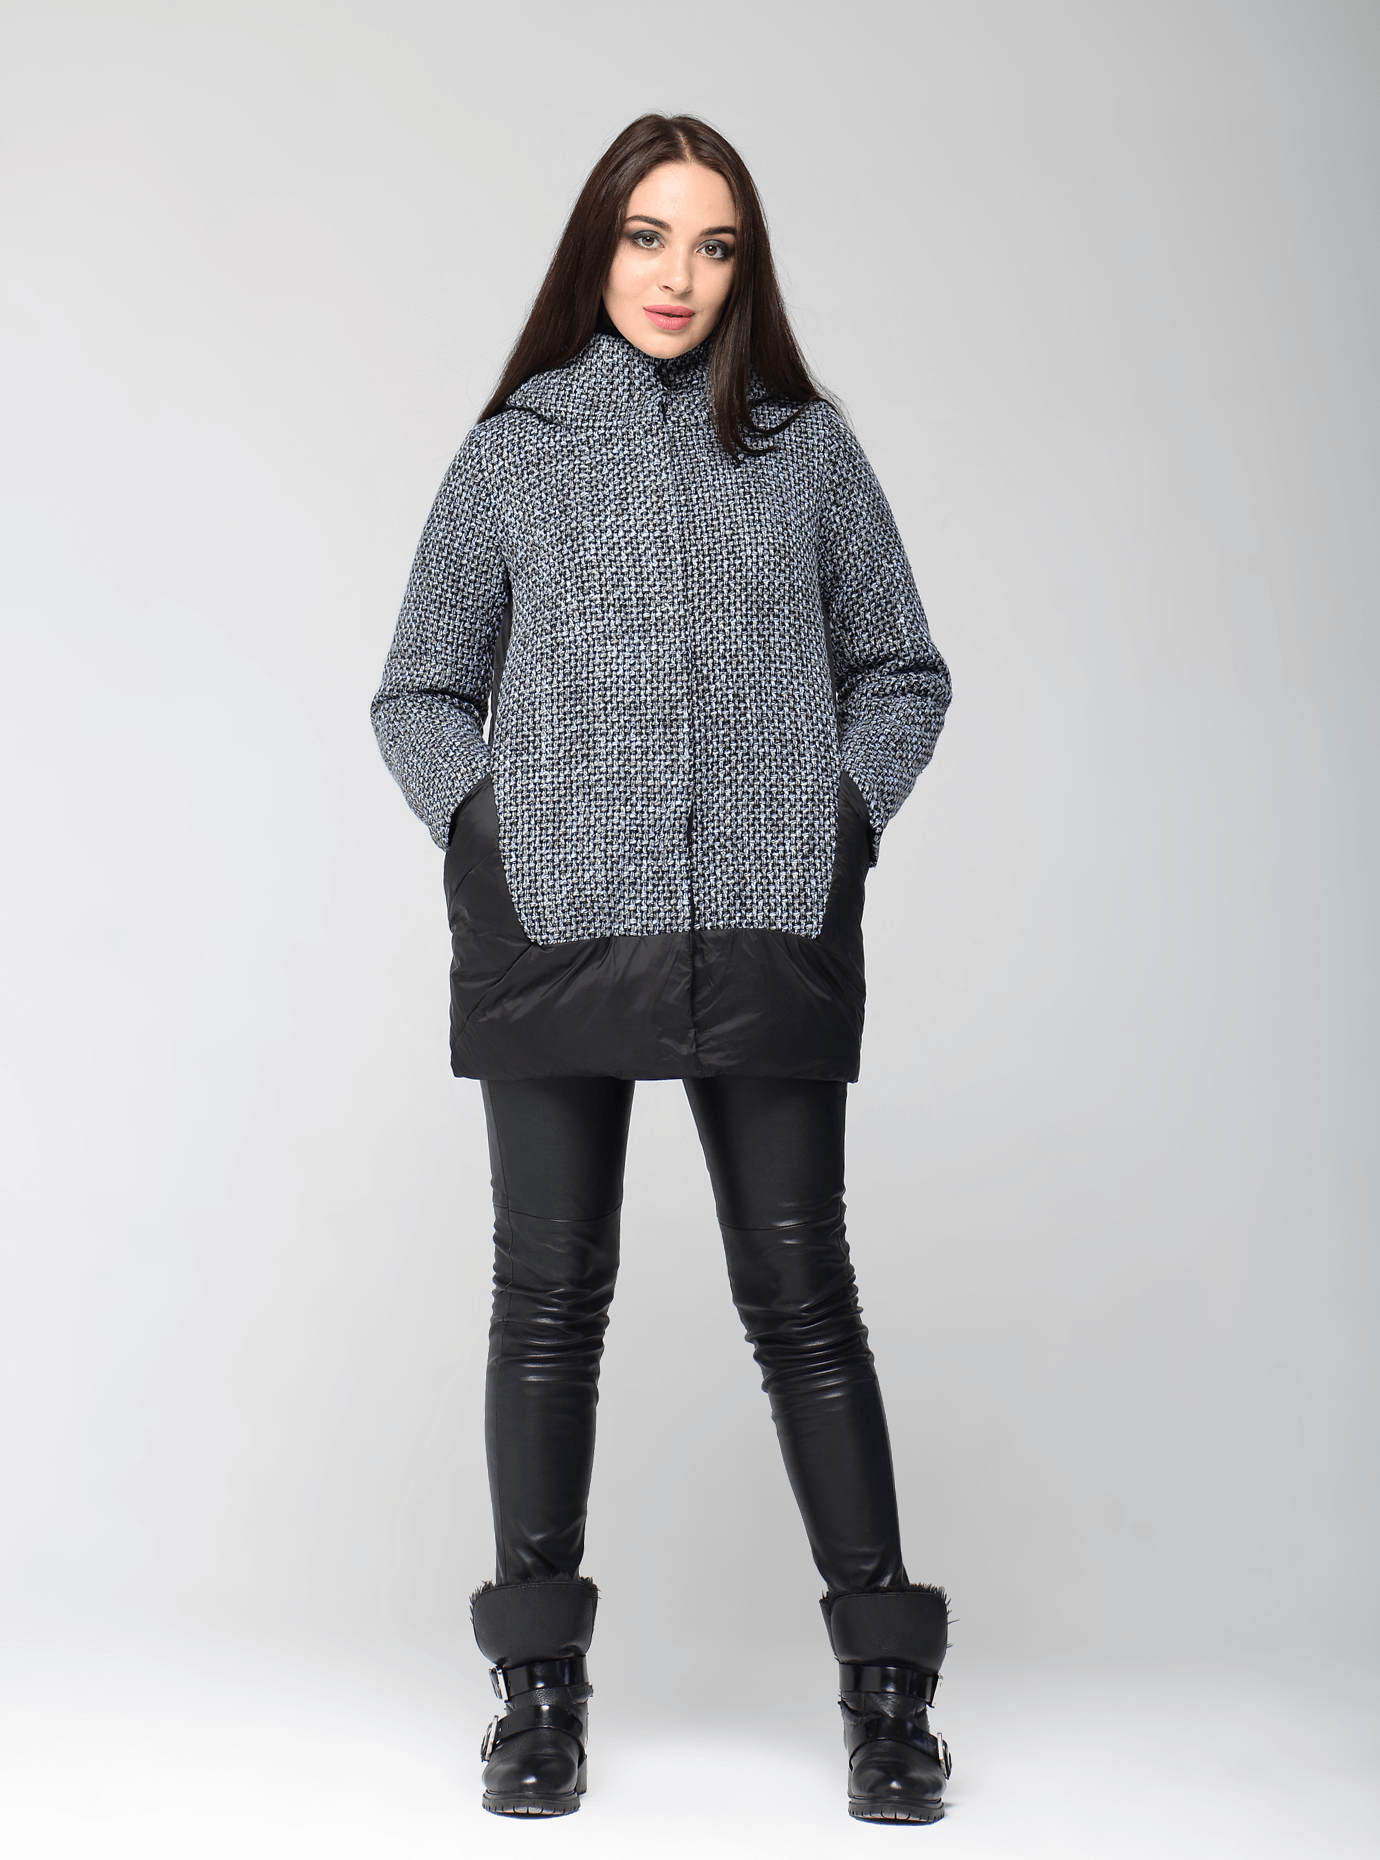 Куртка женская зимняя стильная Чёрный S (05-AB9033): фото - Alster.ua